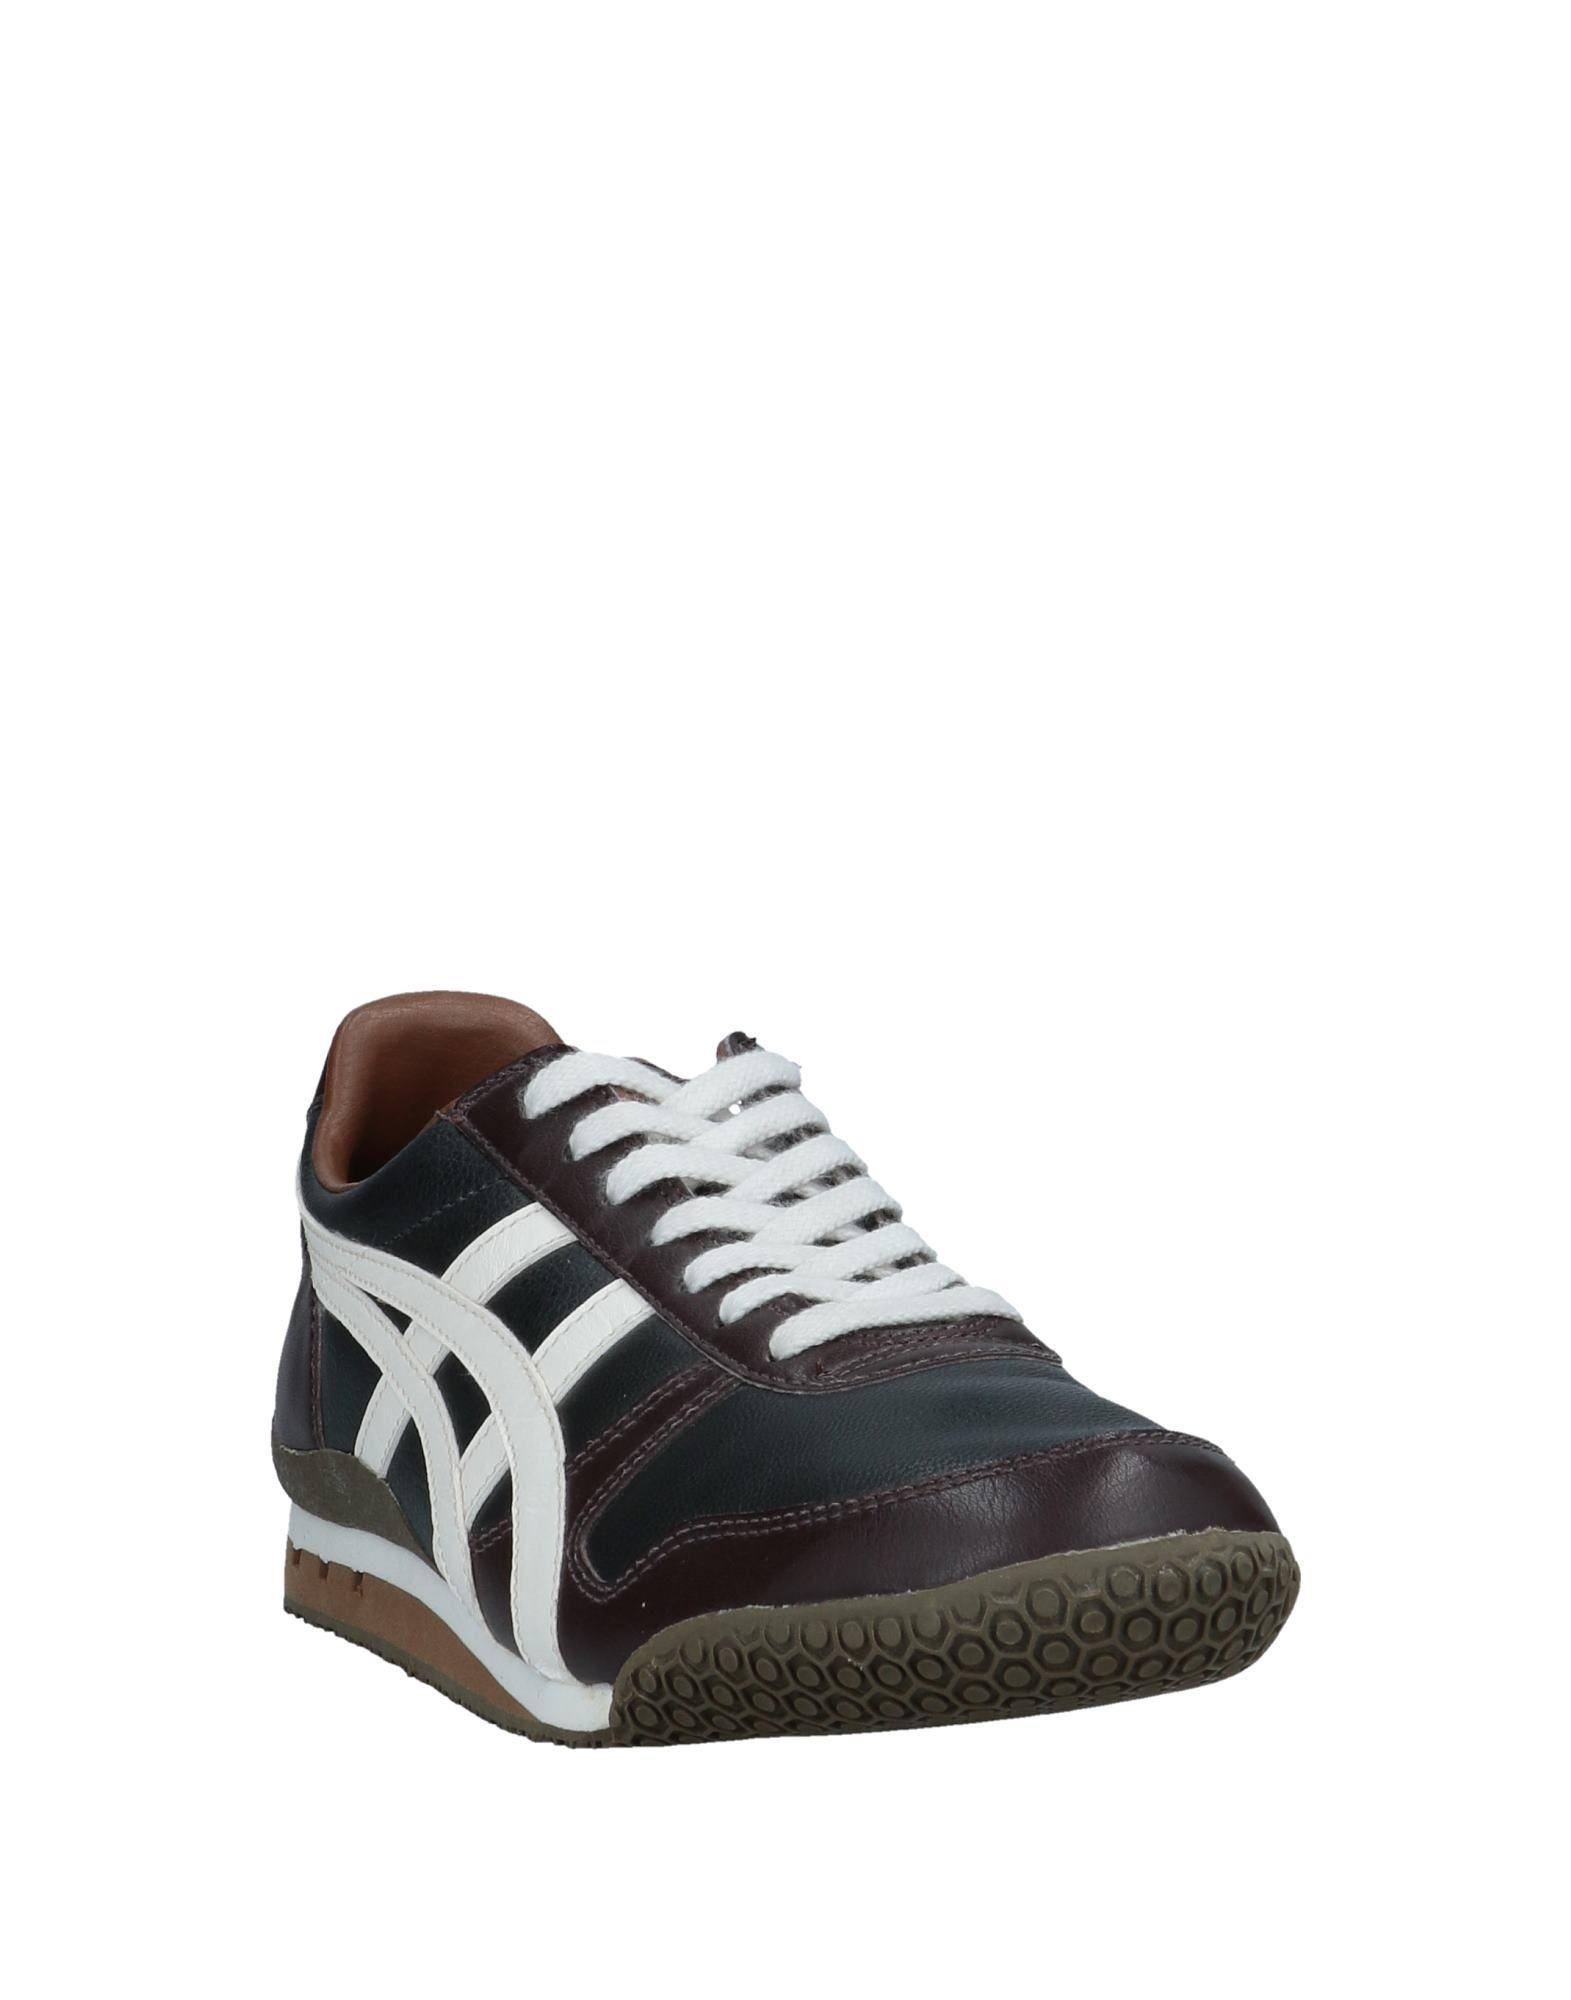 Rabatt echte Schuhe  Onitsuka Tiger Sneakers Herren  Schuhe 11549741NO 293838